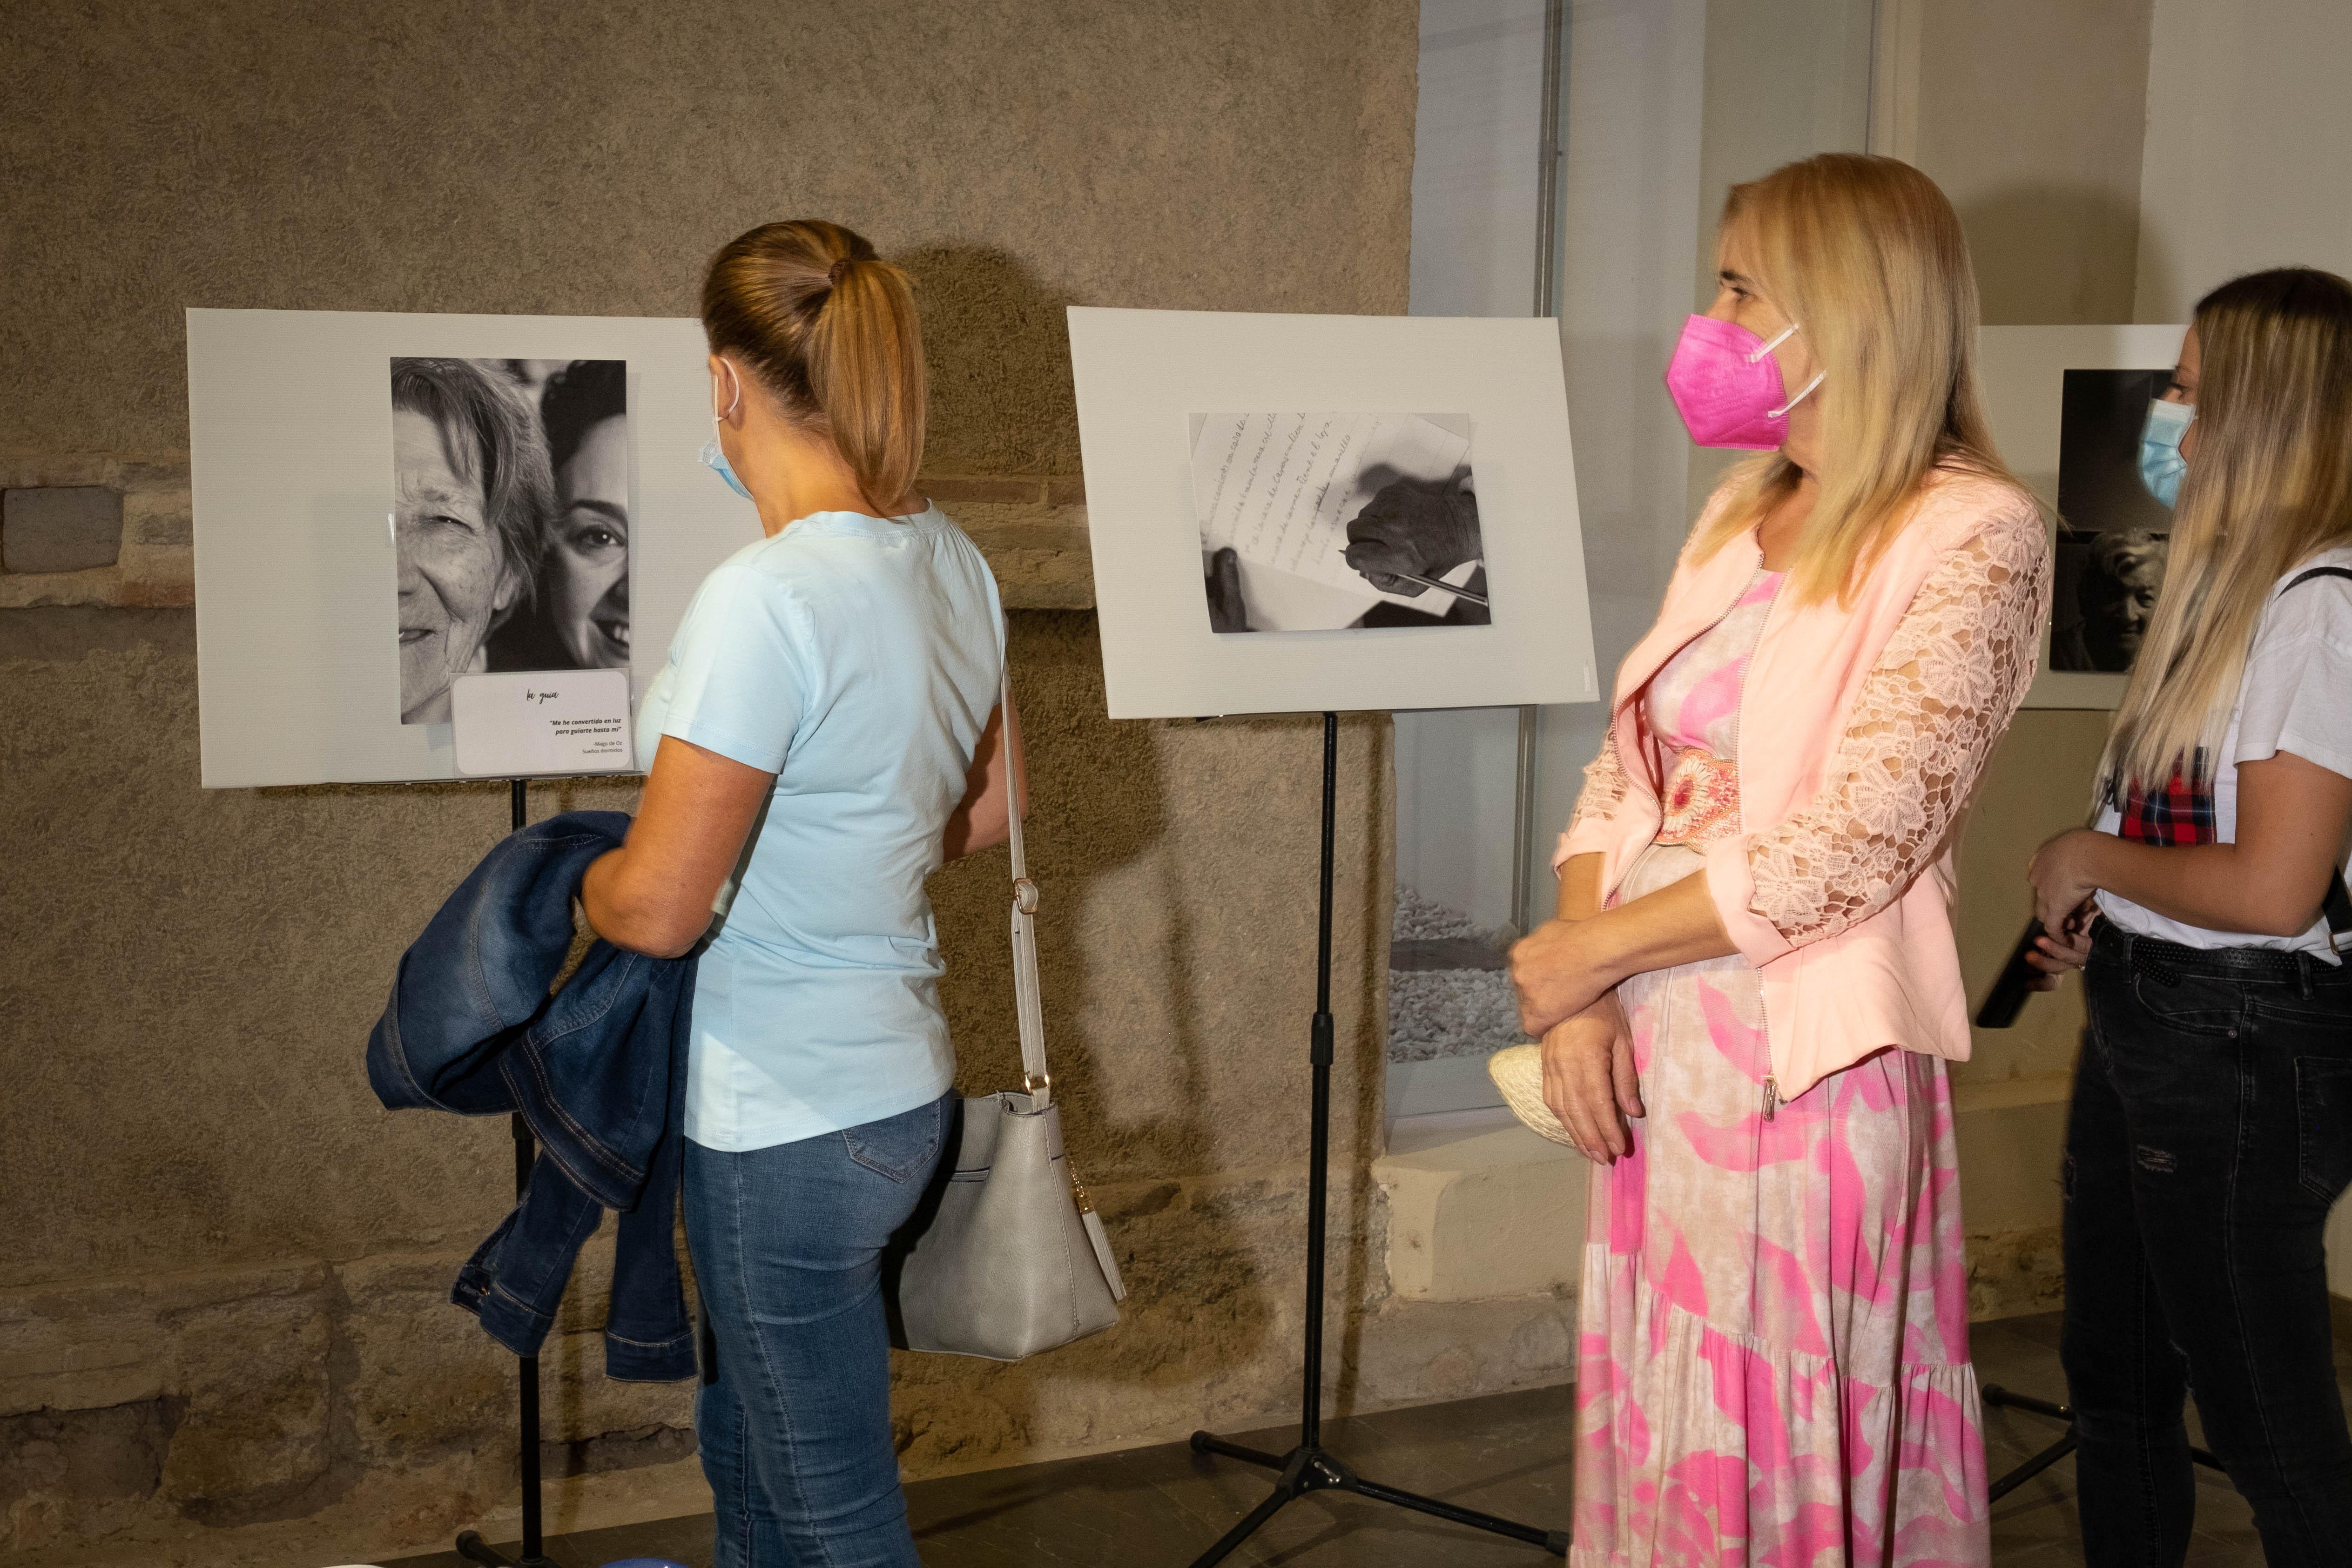 Huétor Tájar acoge una exposición de fotos y trabajos de arteterapia realizados por enfermos de Alzheimer